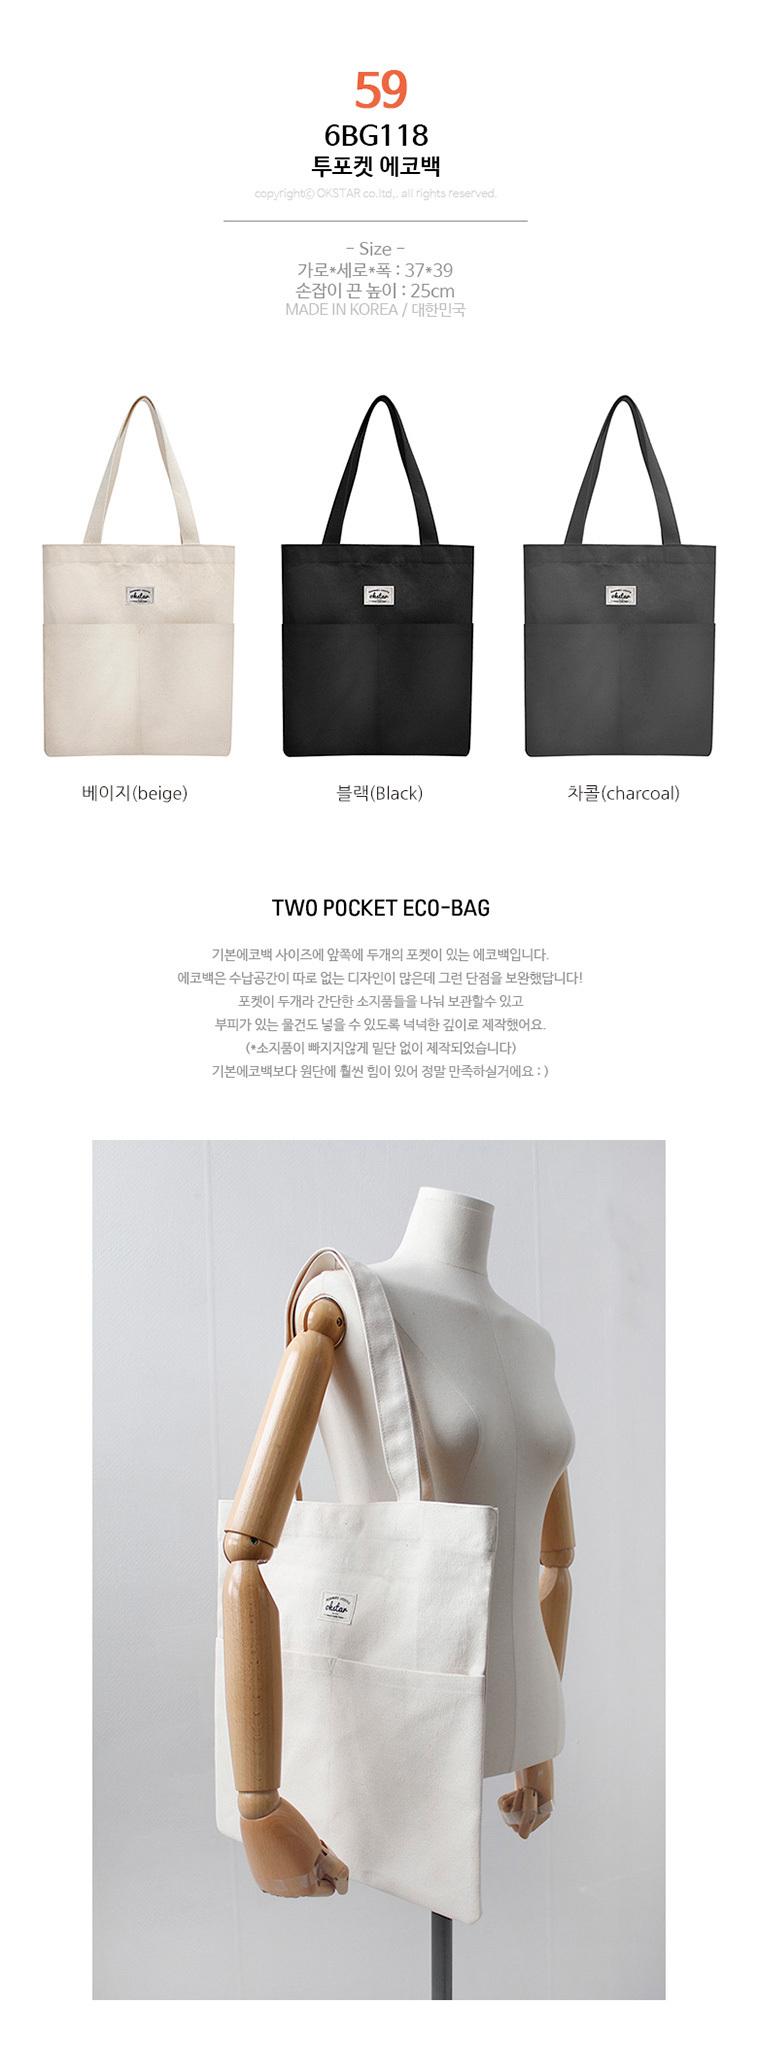 [무료배송] 에코백/무지/천가방 특가 - 상세정보